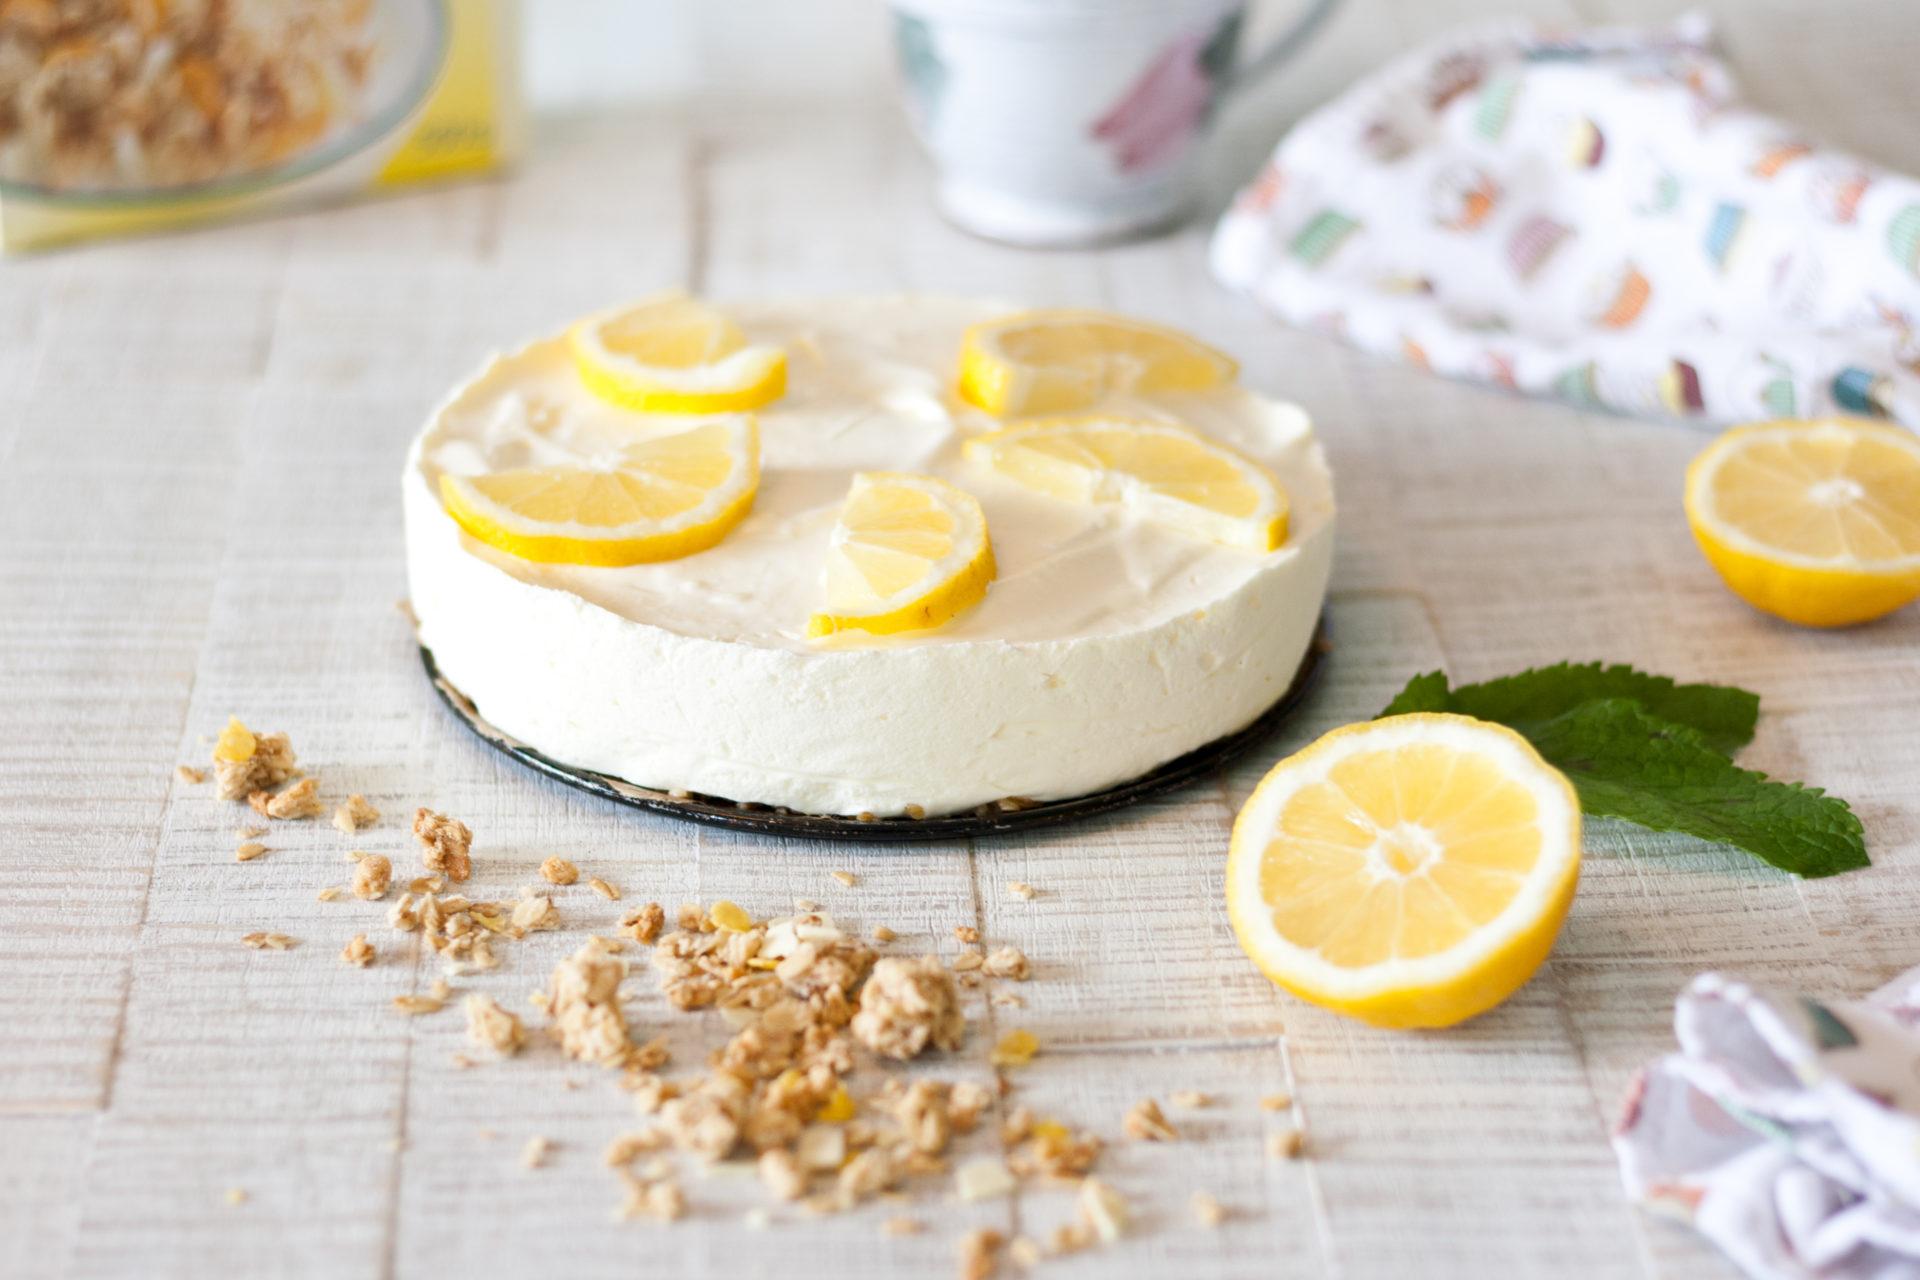 No-Bake Zitronenkuchen mit Müsliboden // No-Bake Lemon Cake with Granola by http://babyrockmyday.com/no-bake-zitronenkuchen/